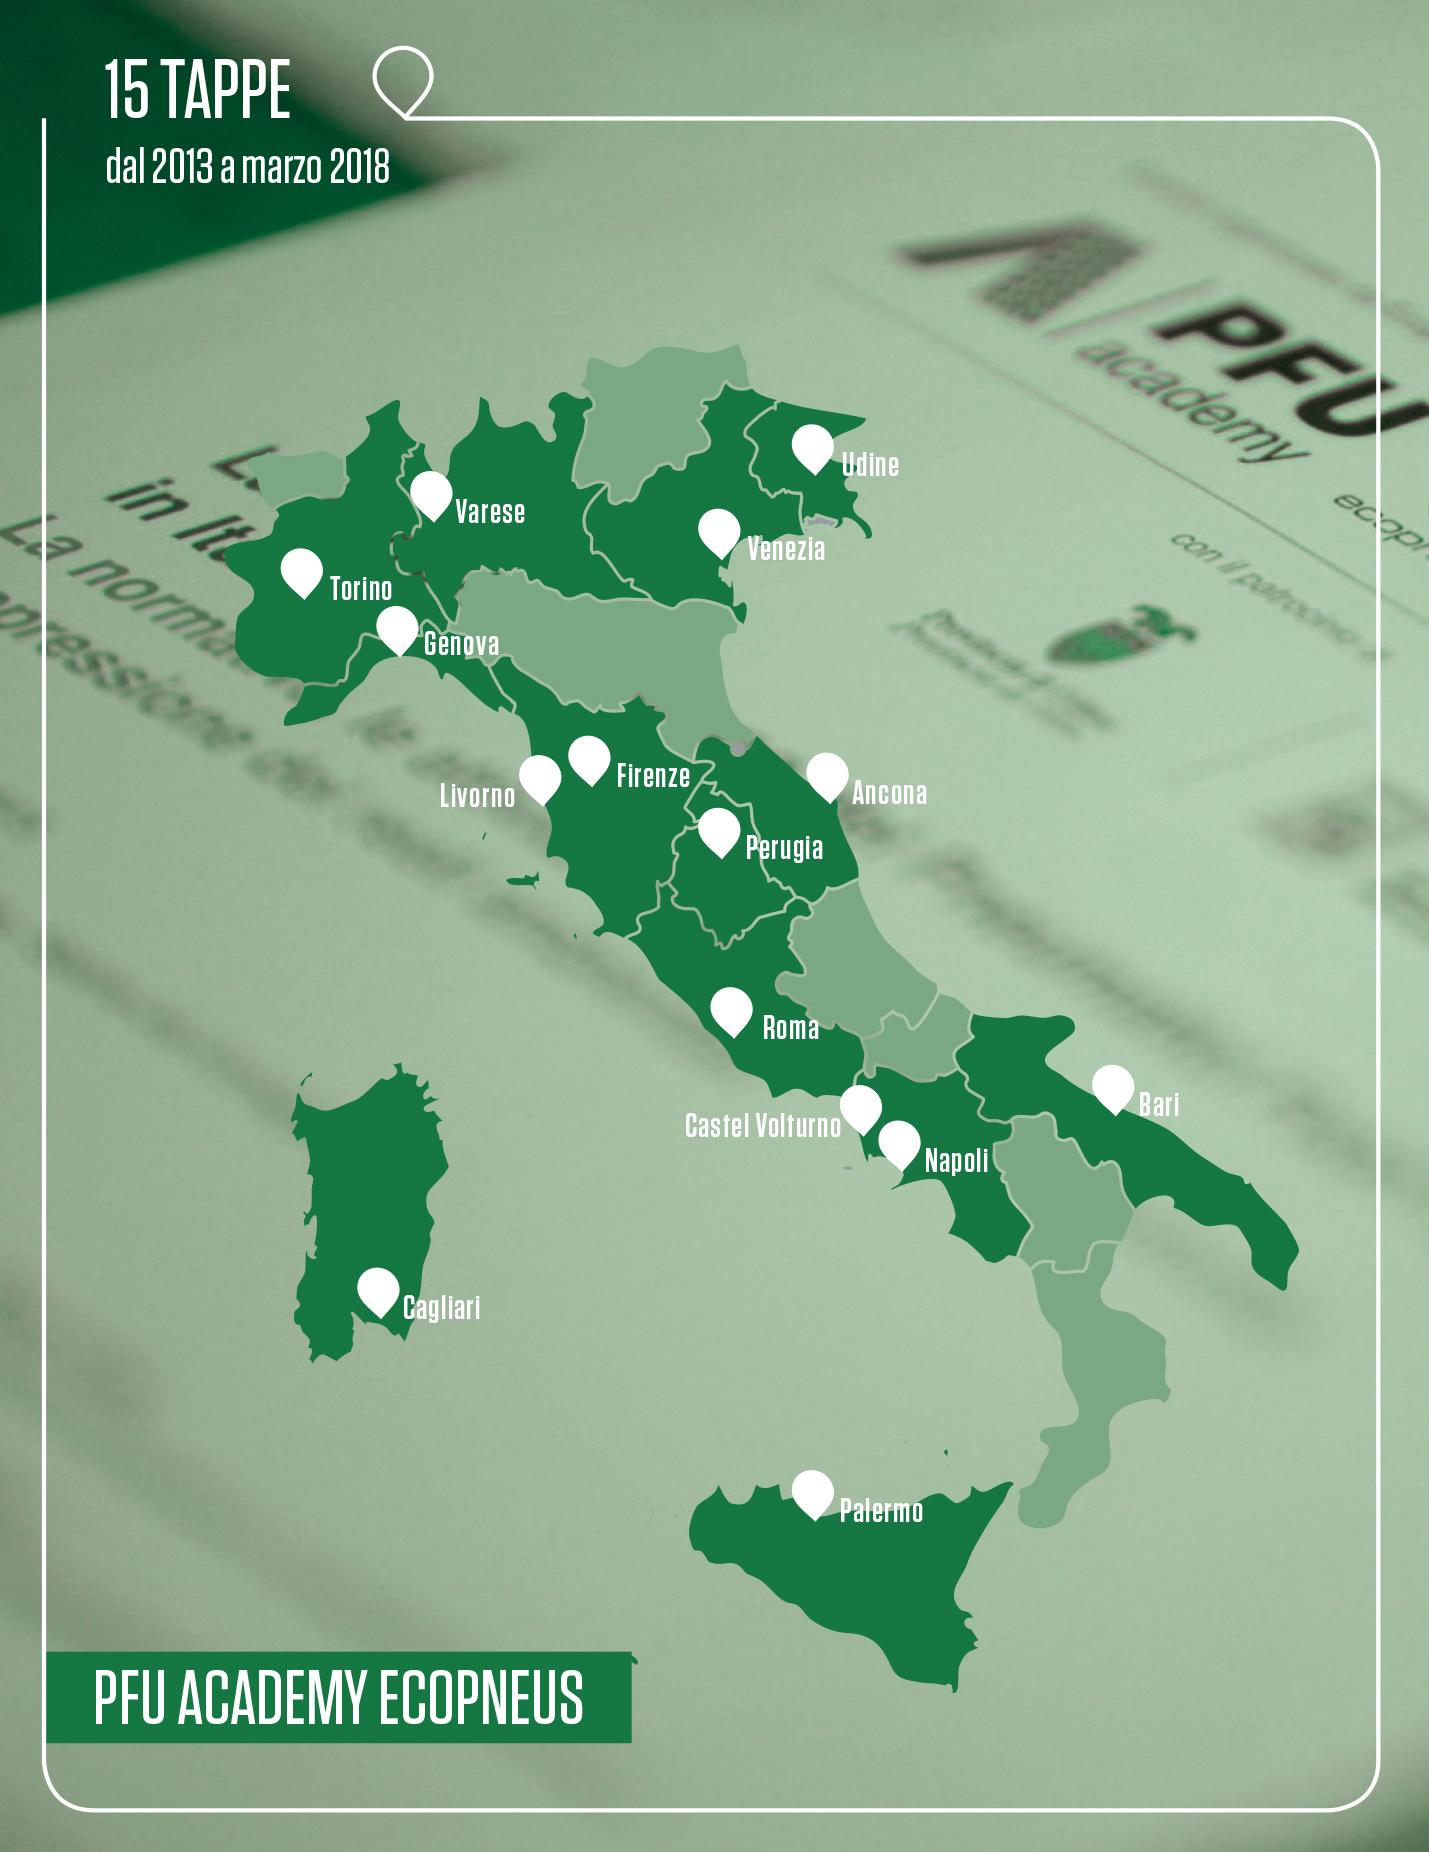 Mappa PFU Academy